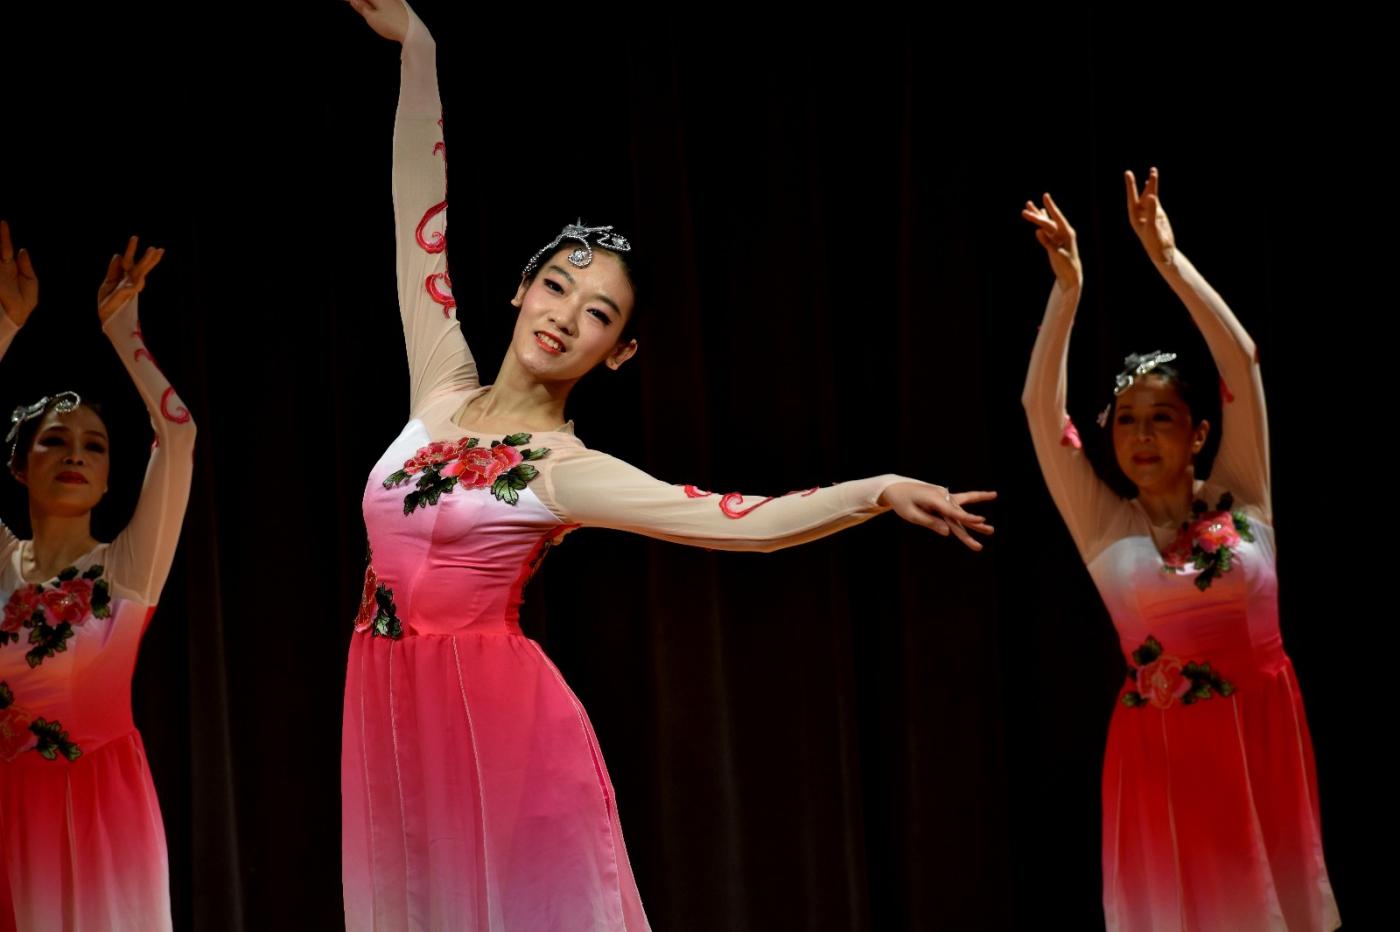 中国民歌集粹音乐会 (1)_图1-16